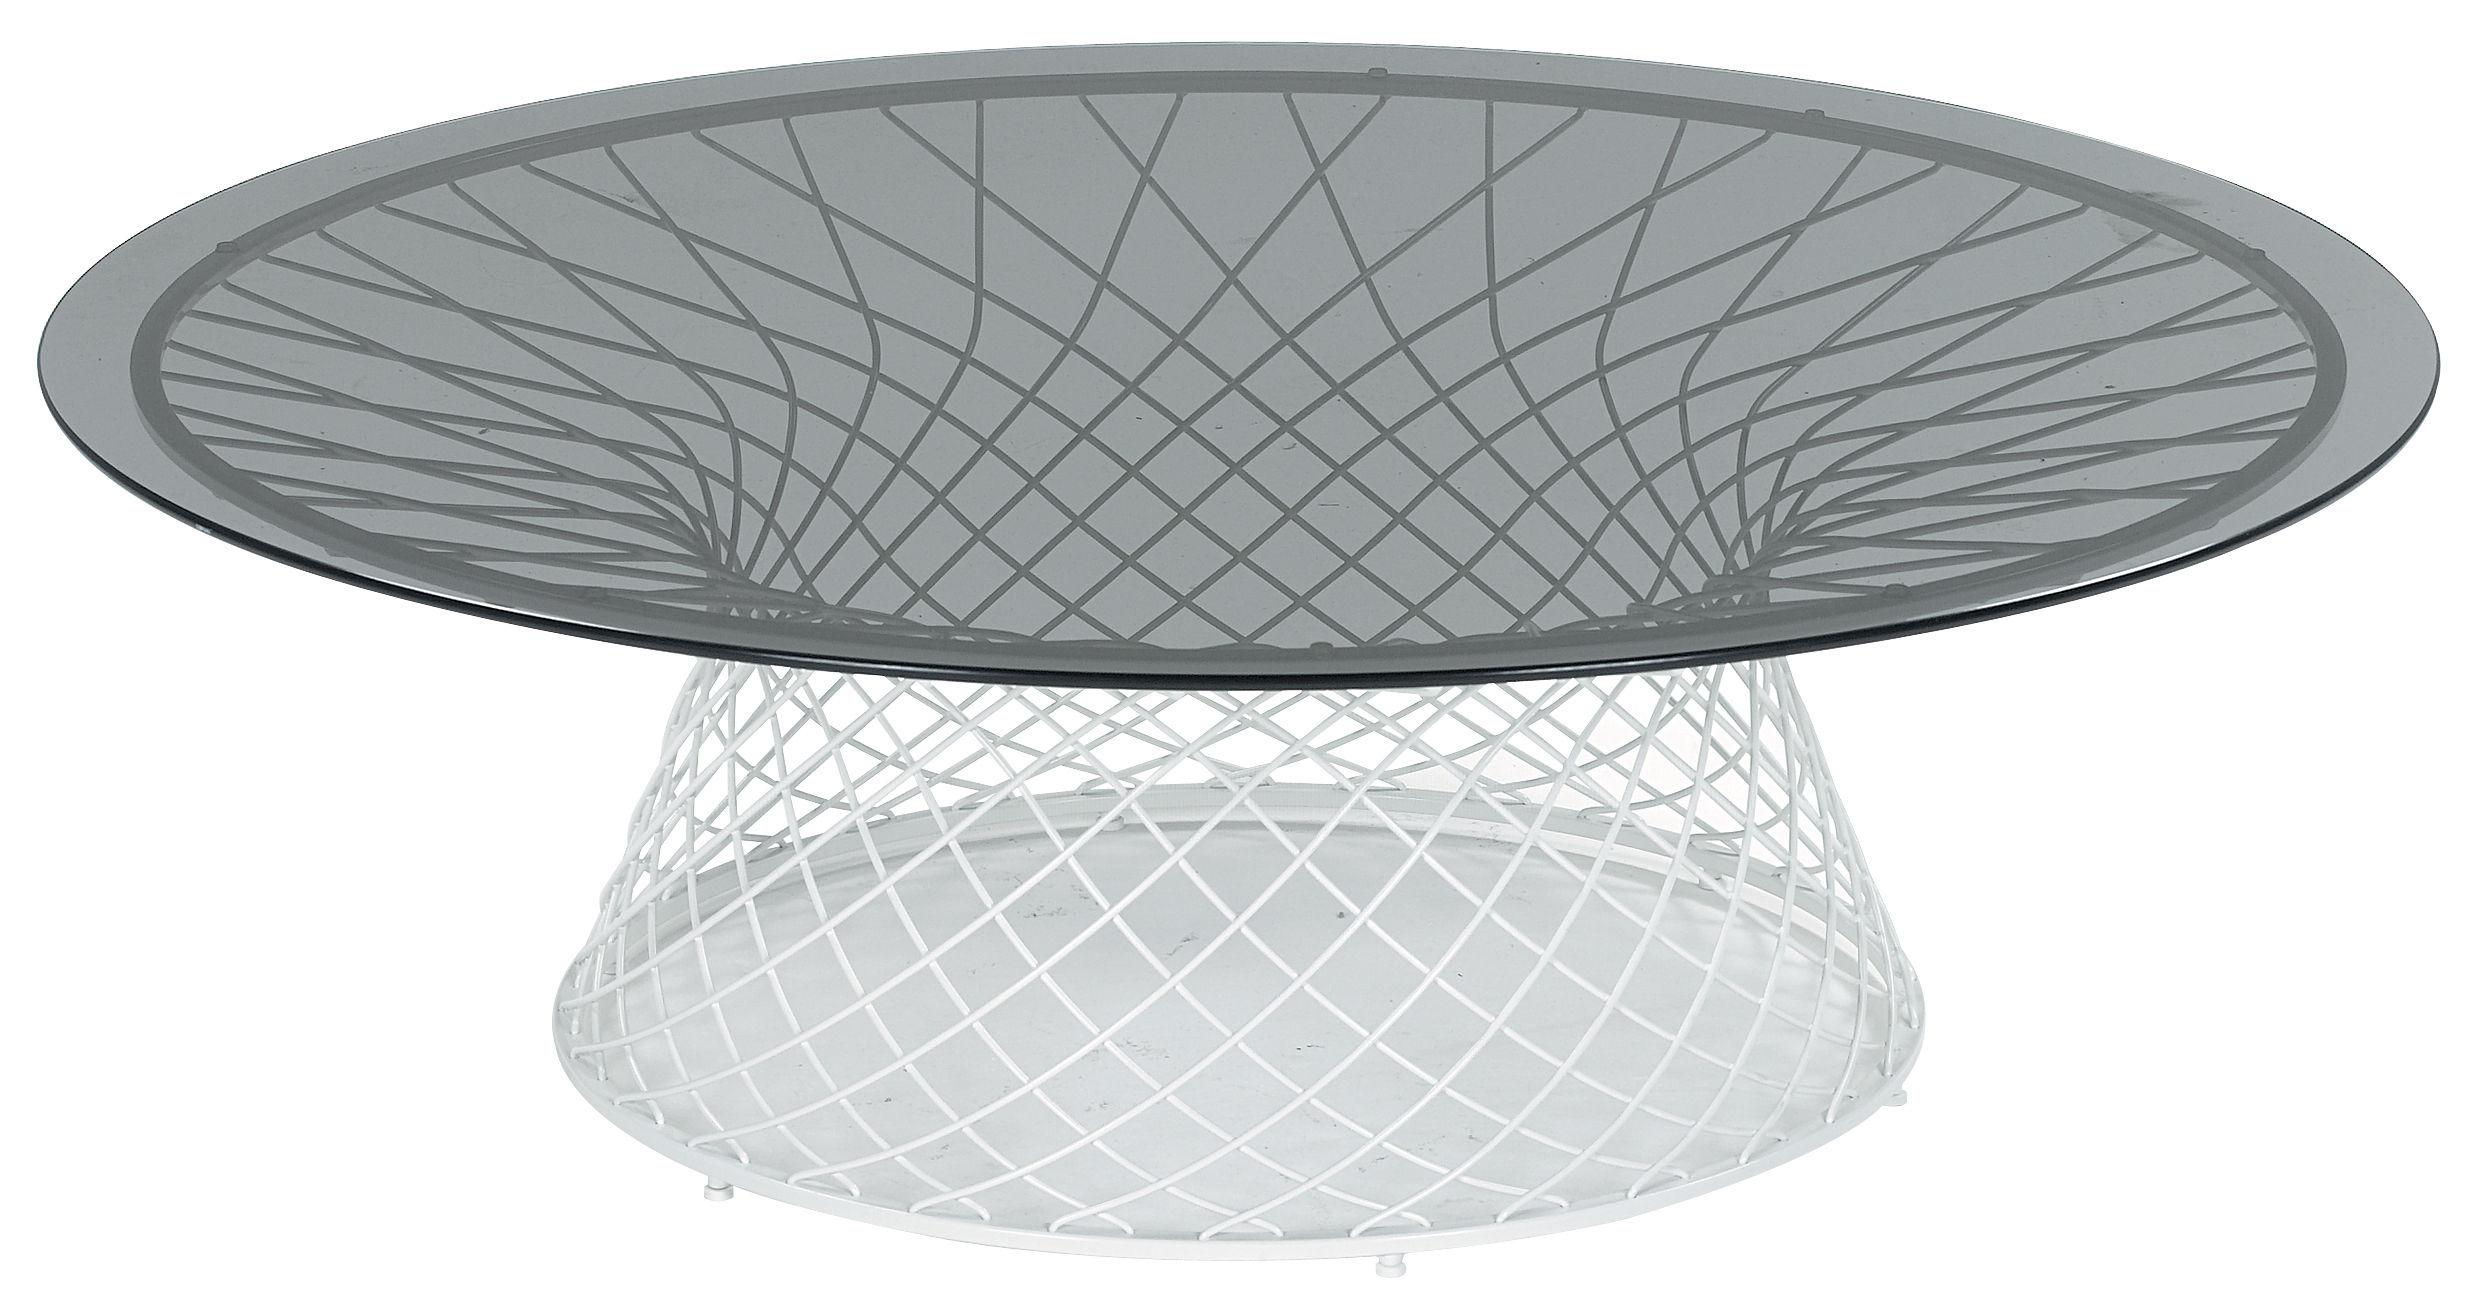 Möbel - Couchtische - Heaven Couchtisch - Emu - Weiß - Glas, Stahl